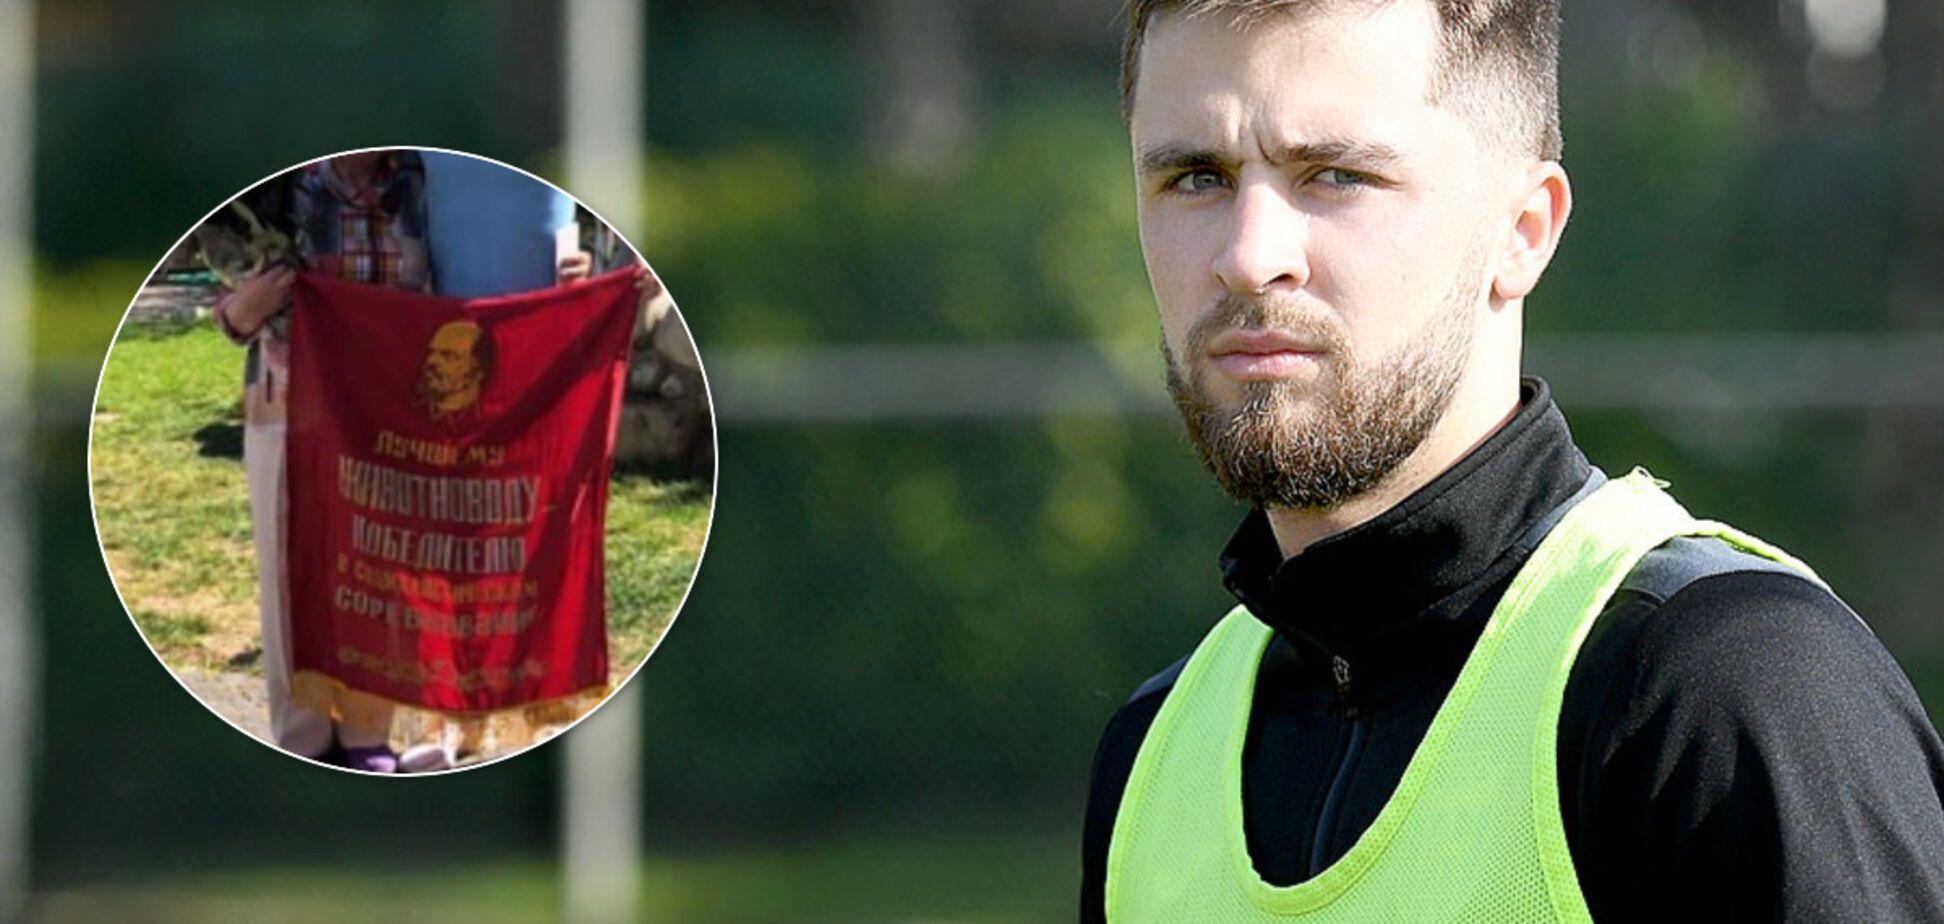 Украинский футболист Алексей Хахлев попал в скандал с красным флагом и Лениным